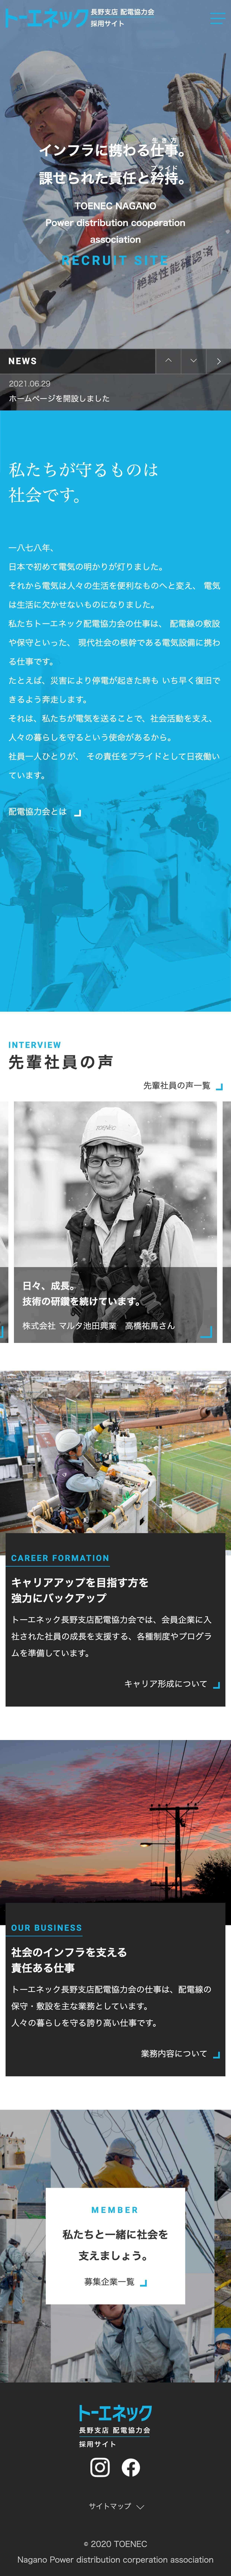 トーエネック長野支店配電協力会 様spイメージ